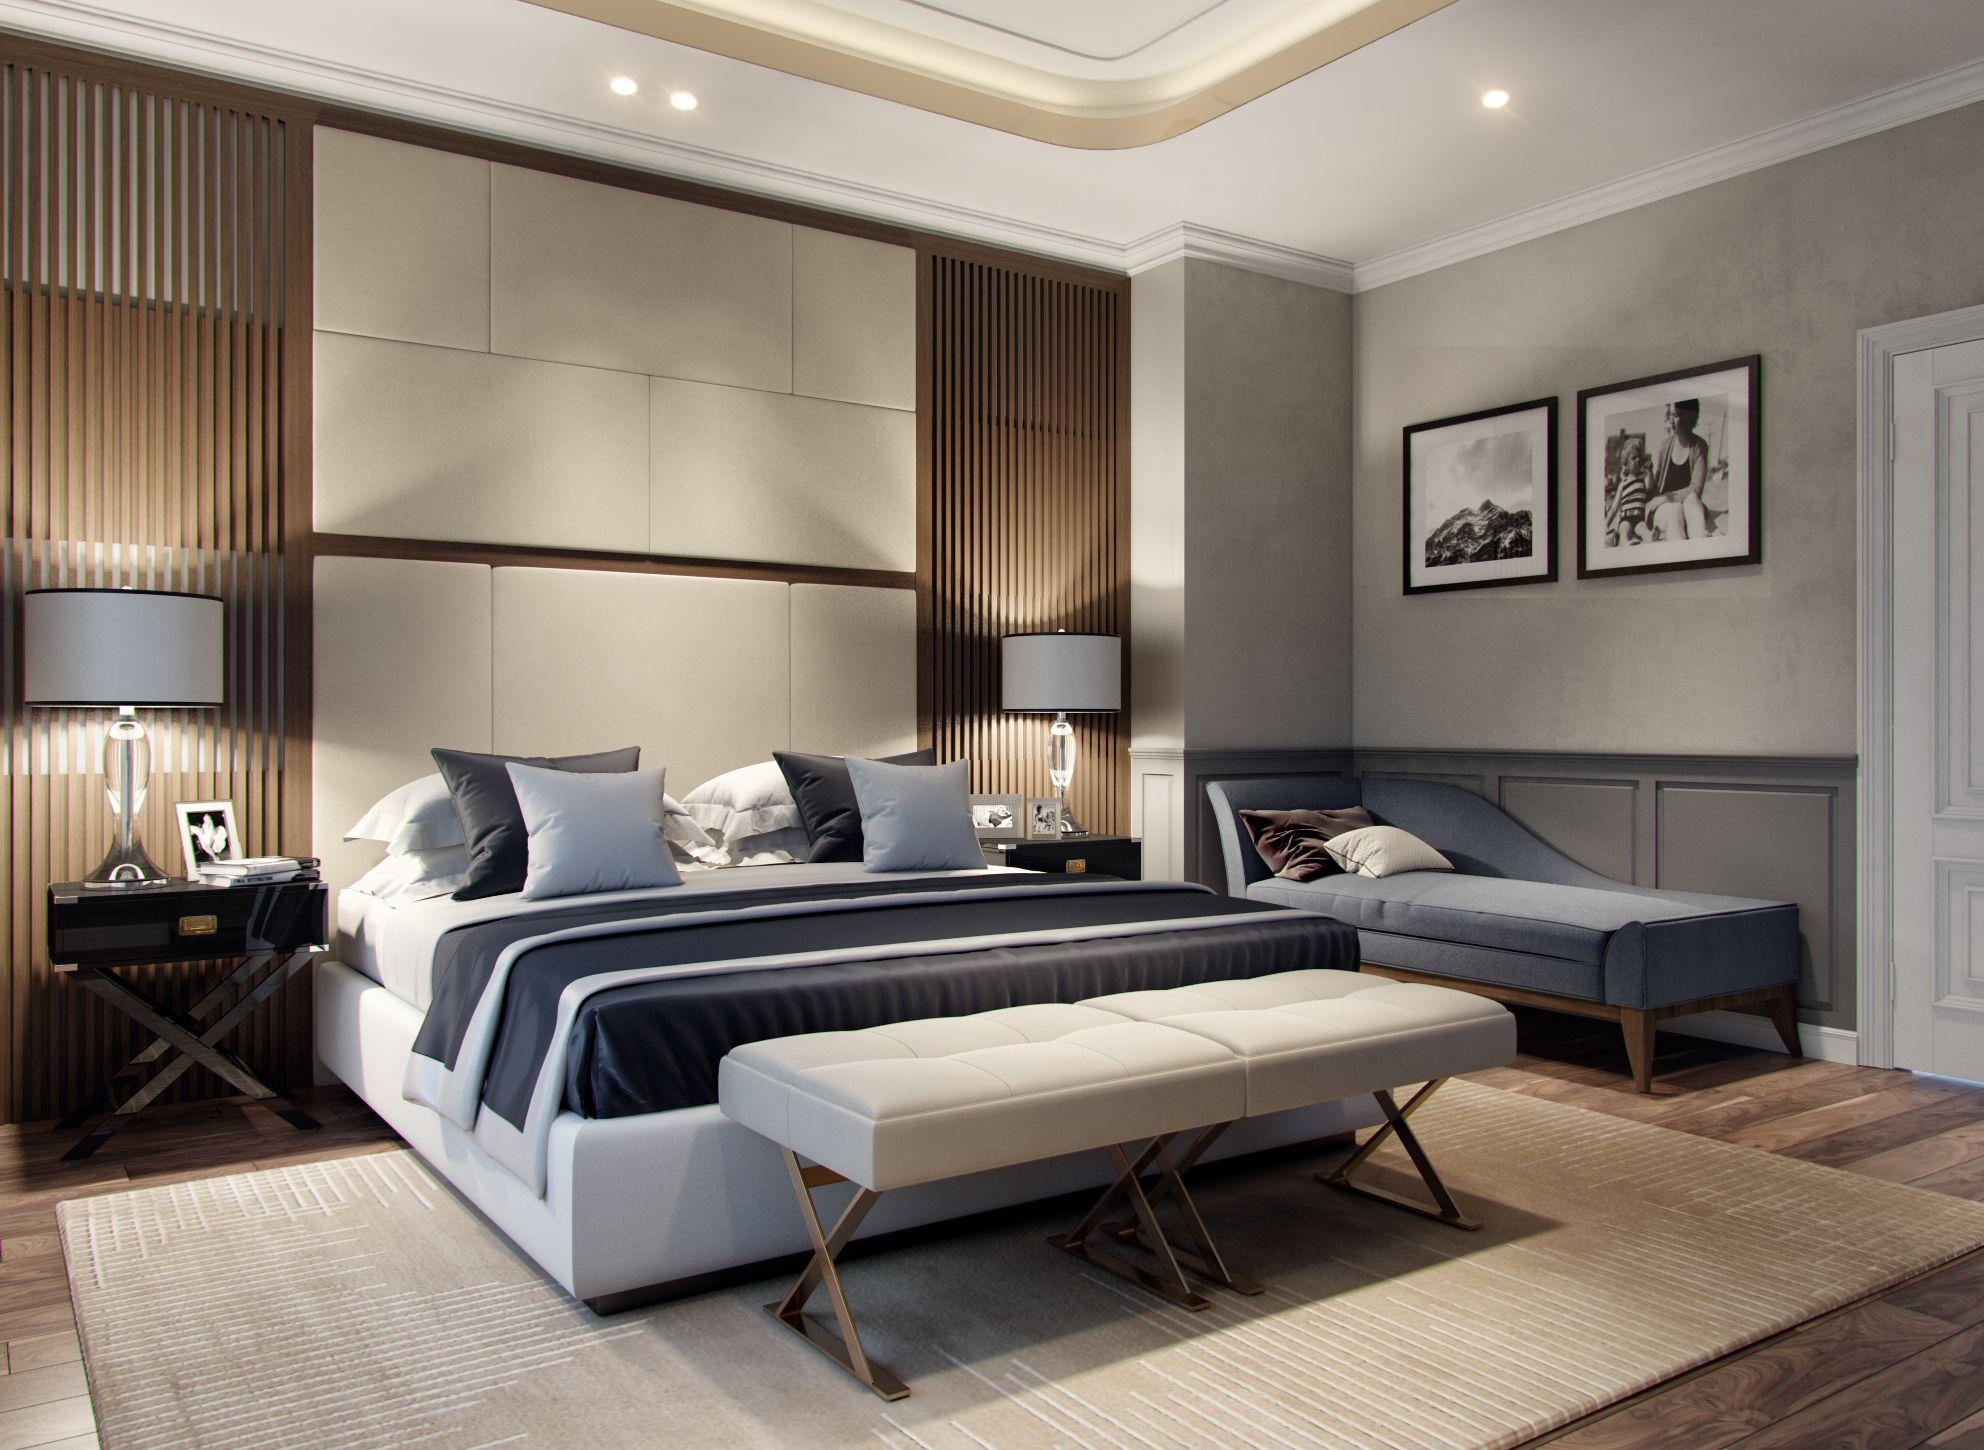 Bedroom dormitorios pinterest dormitorios dise os for Decoracion de interiores dormitorios